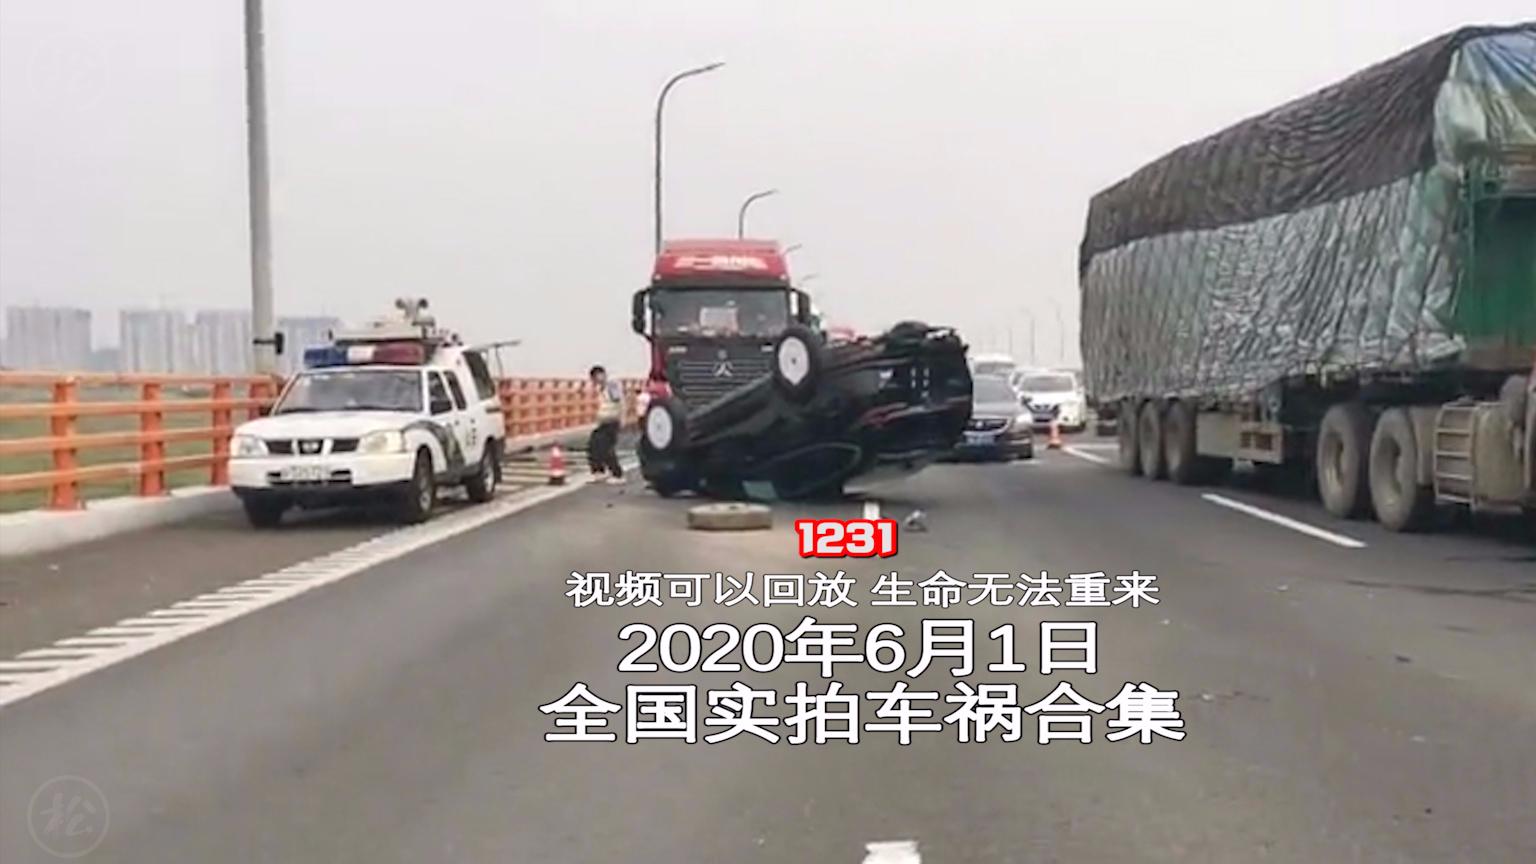 1231期:特斯拉自动驾驶撞上前方事故车辆【20200601全国车祸合集】